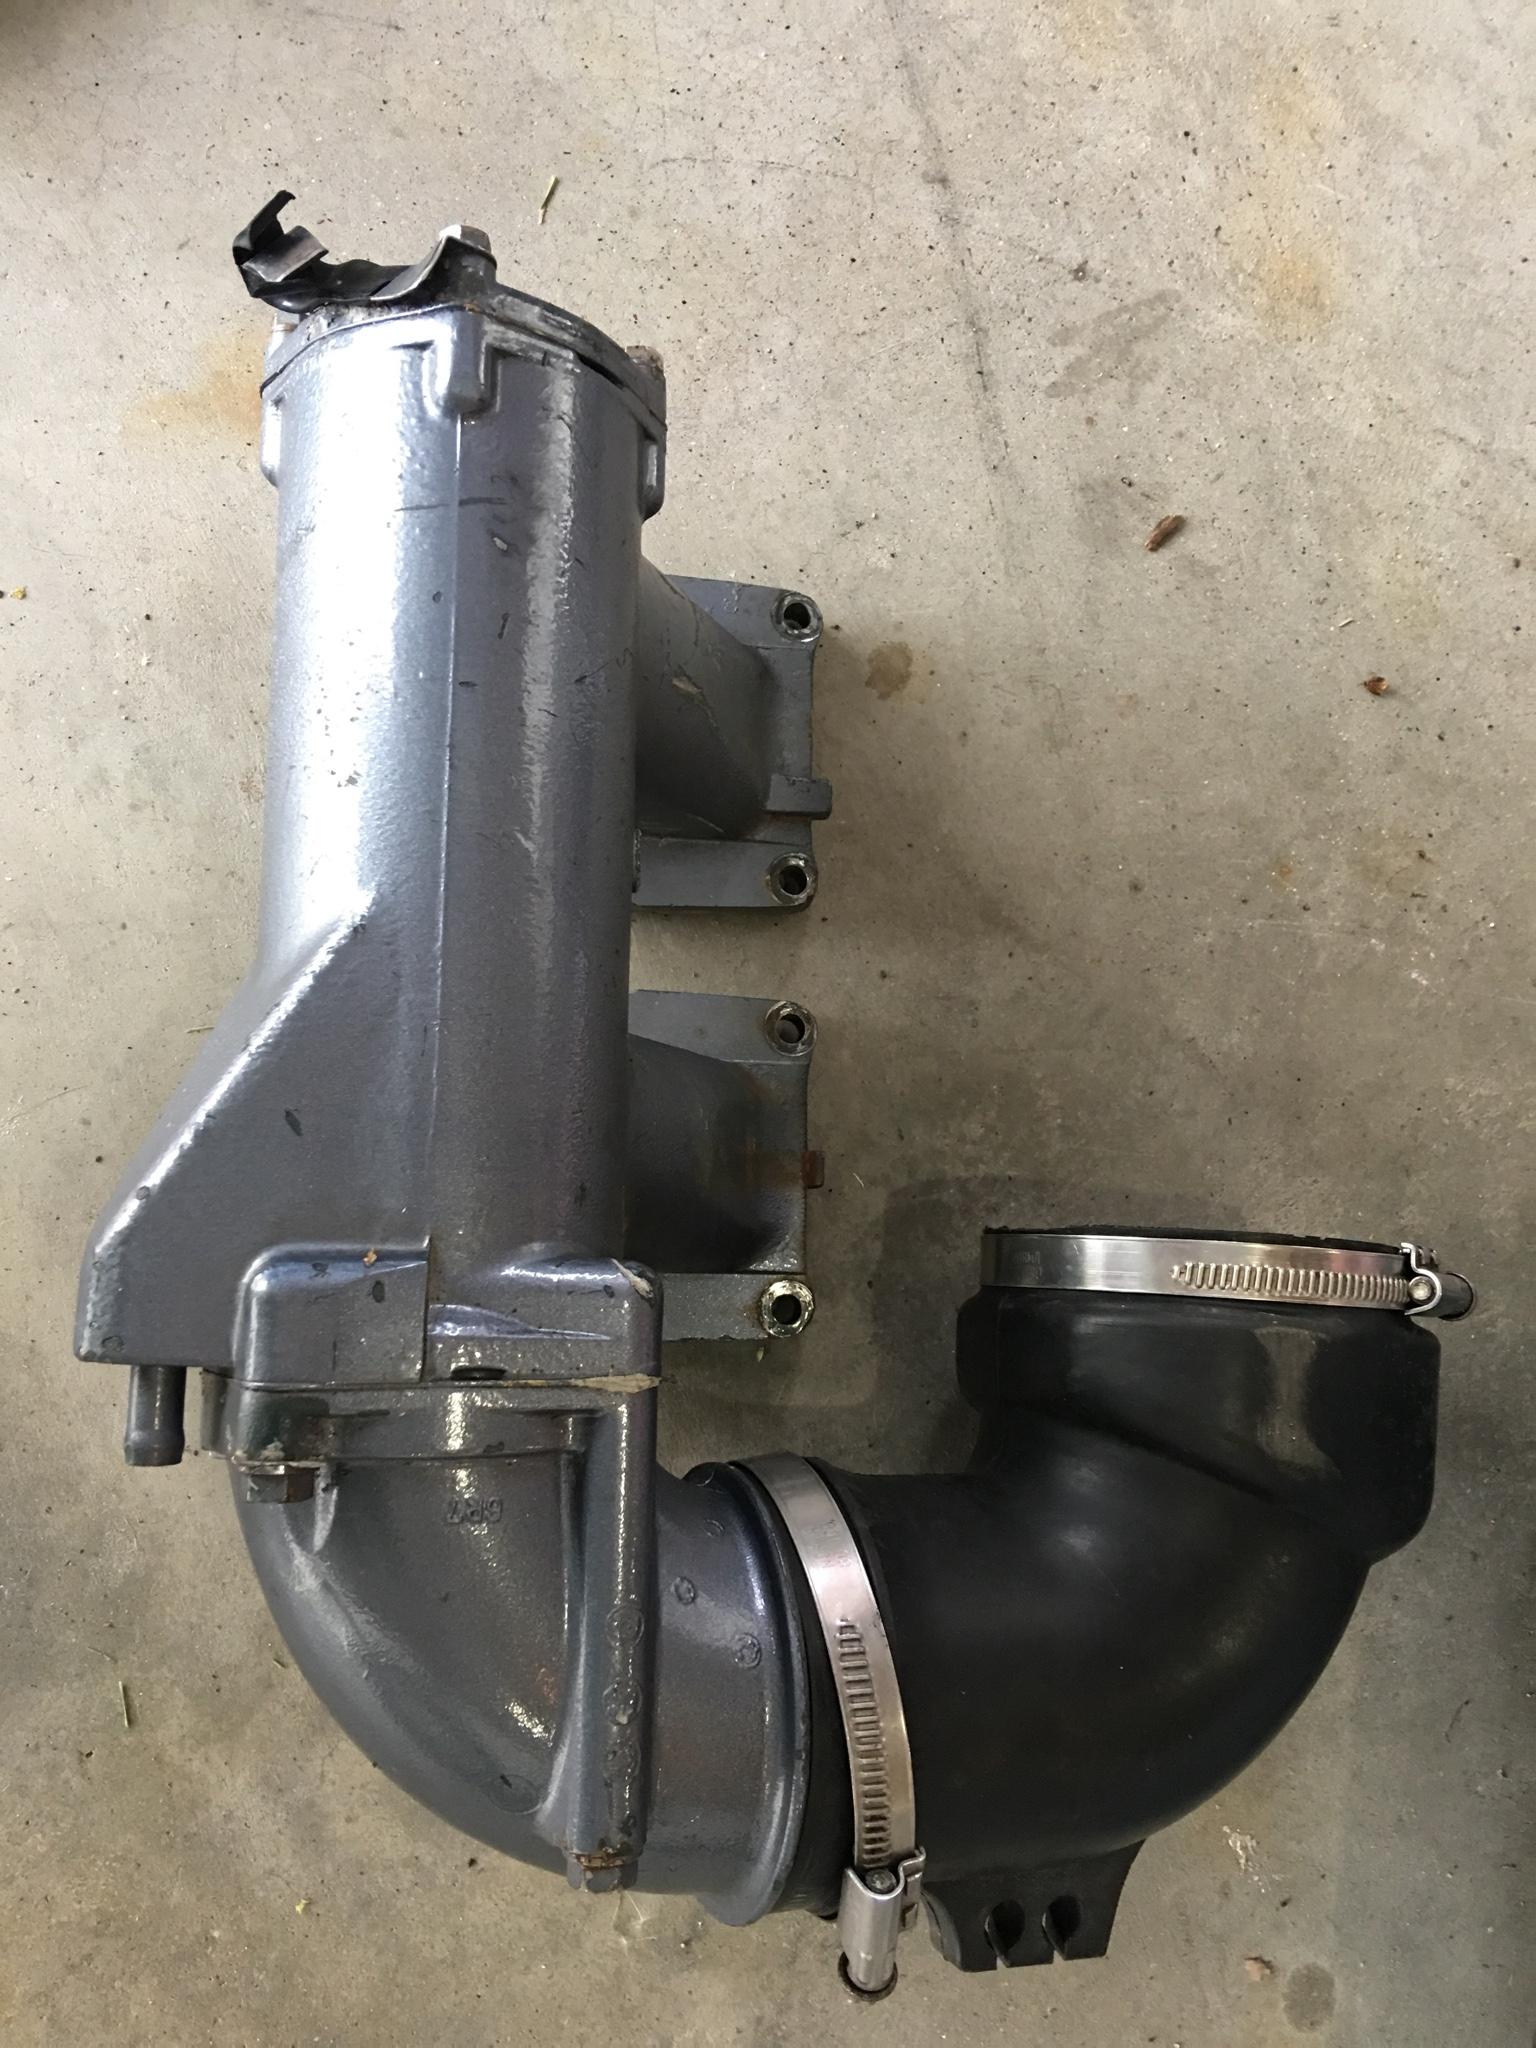 Stock superjet/wave blaster 61x exhaust